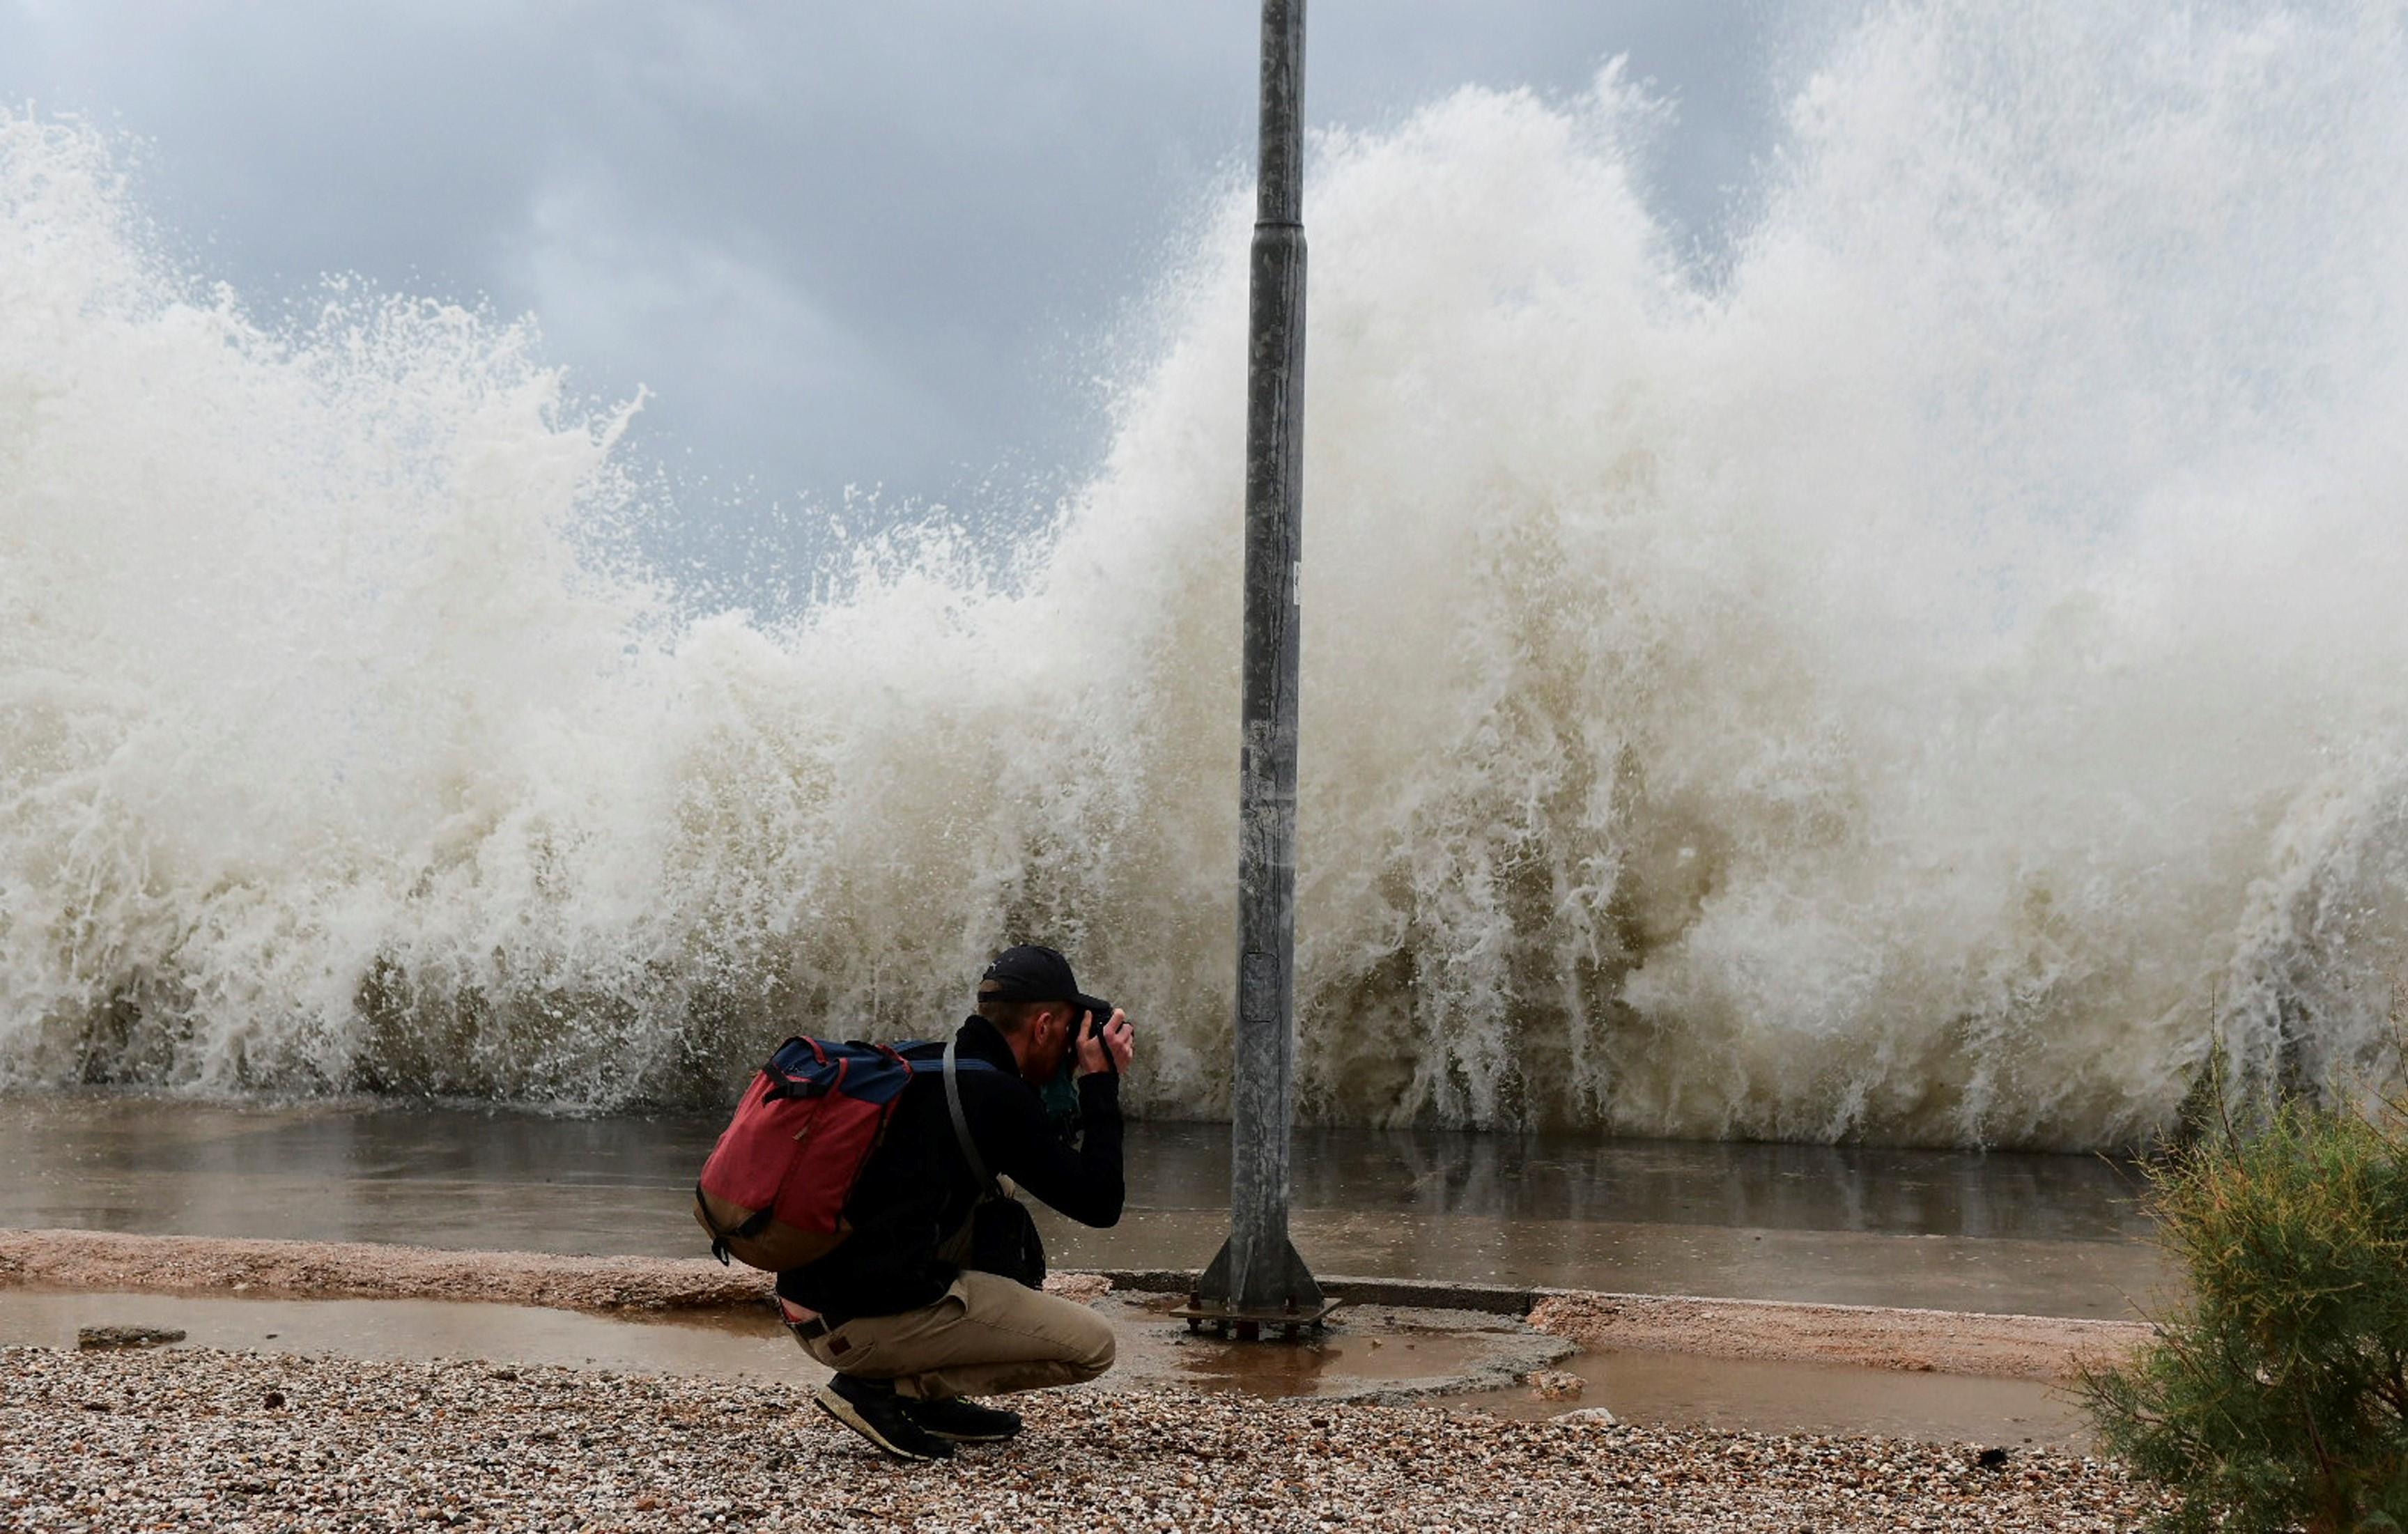 Κυκλώνας Ζορμπάς: Τα μεσάνυχτα η έξαρση της κακοκαιρίας